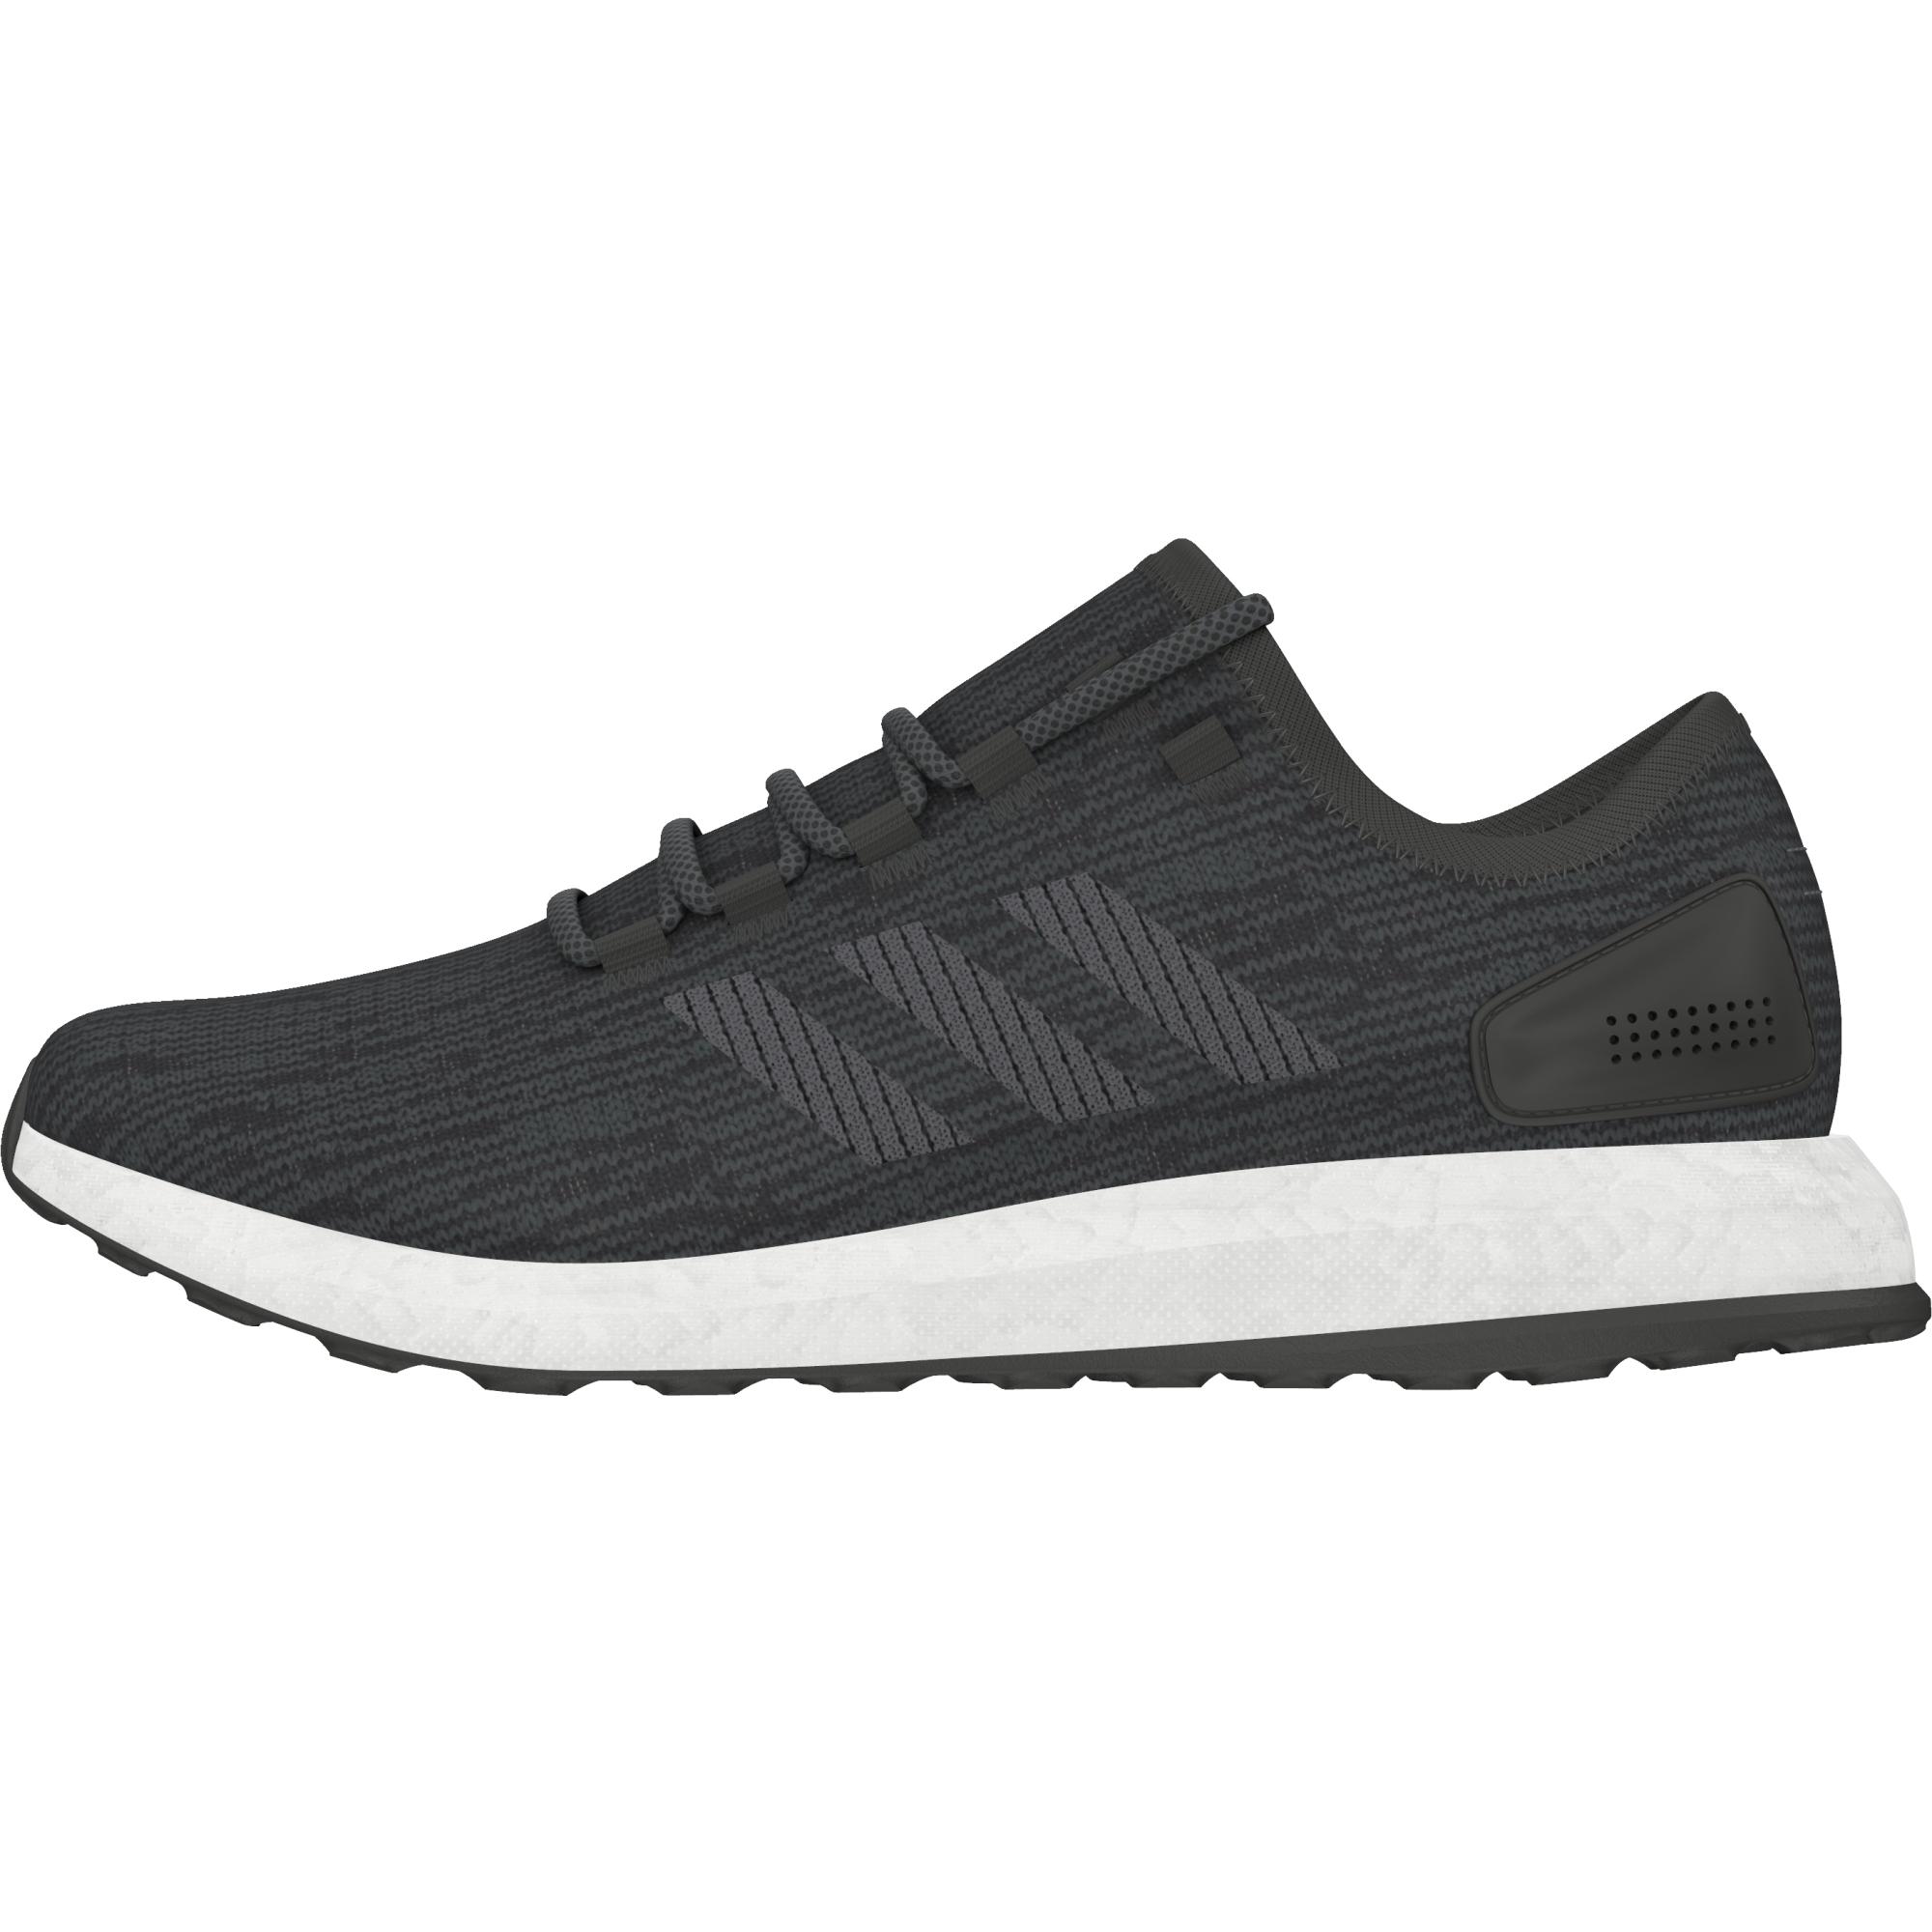 adidas PureBOOST Herren Laufschuhe Running Schuhe CP9326